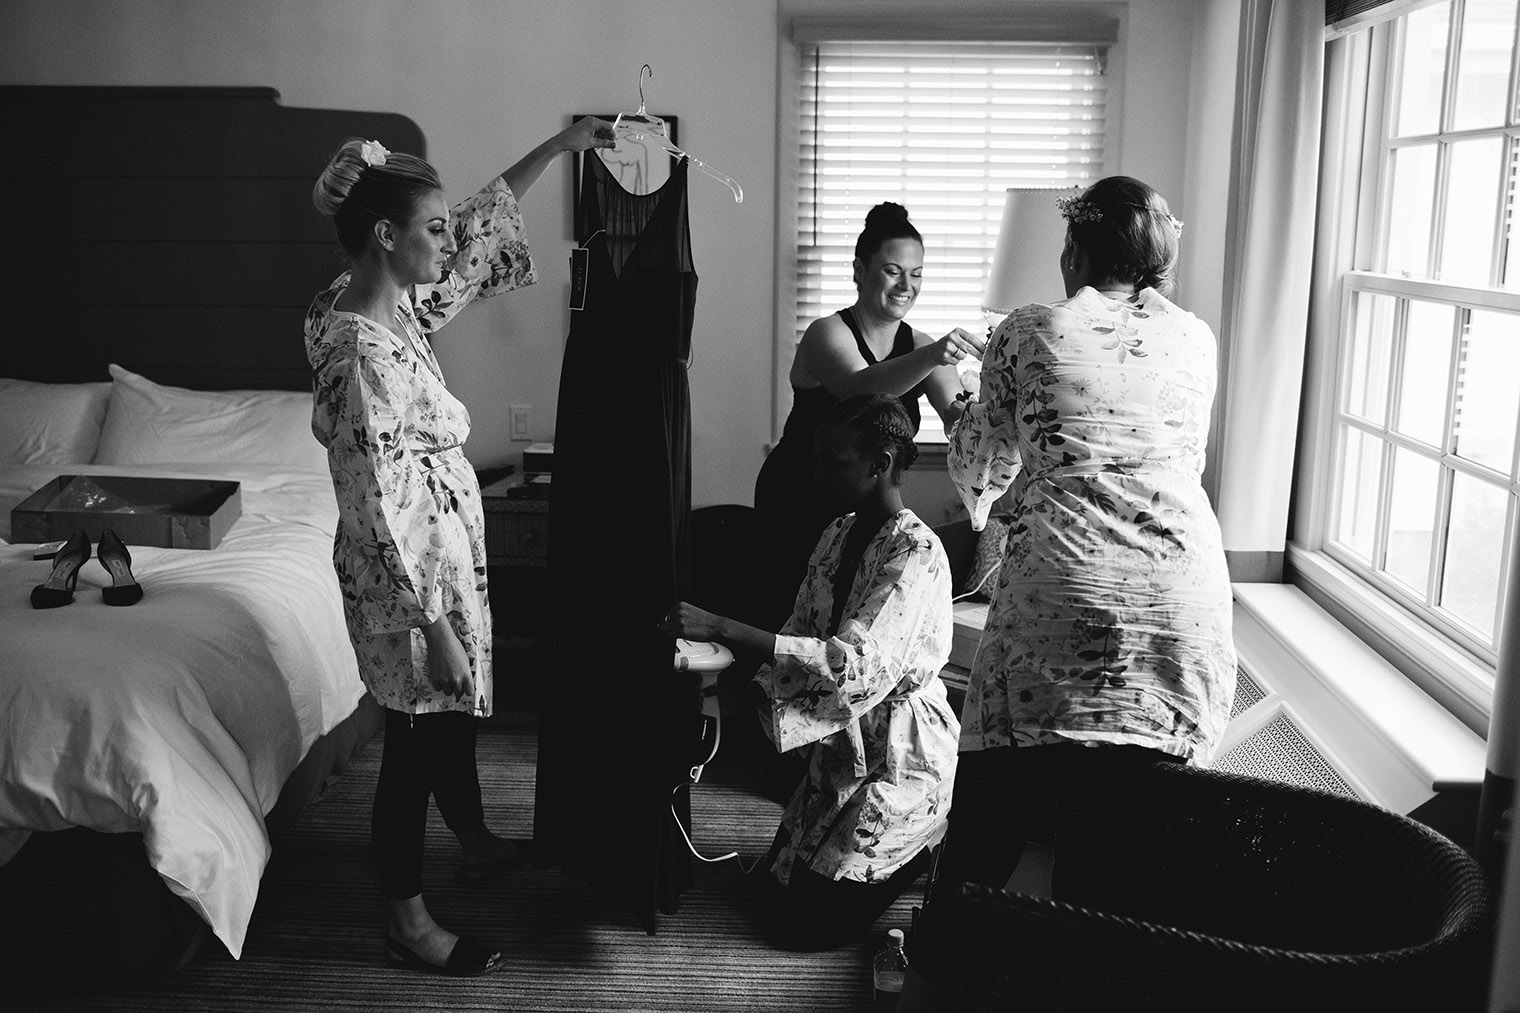 calistoga wedding photographer